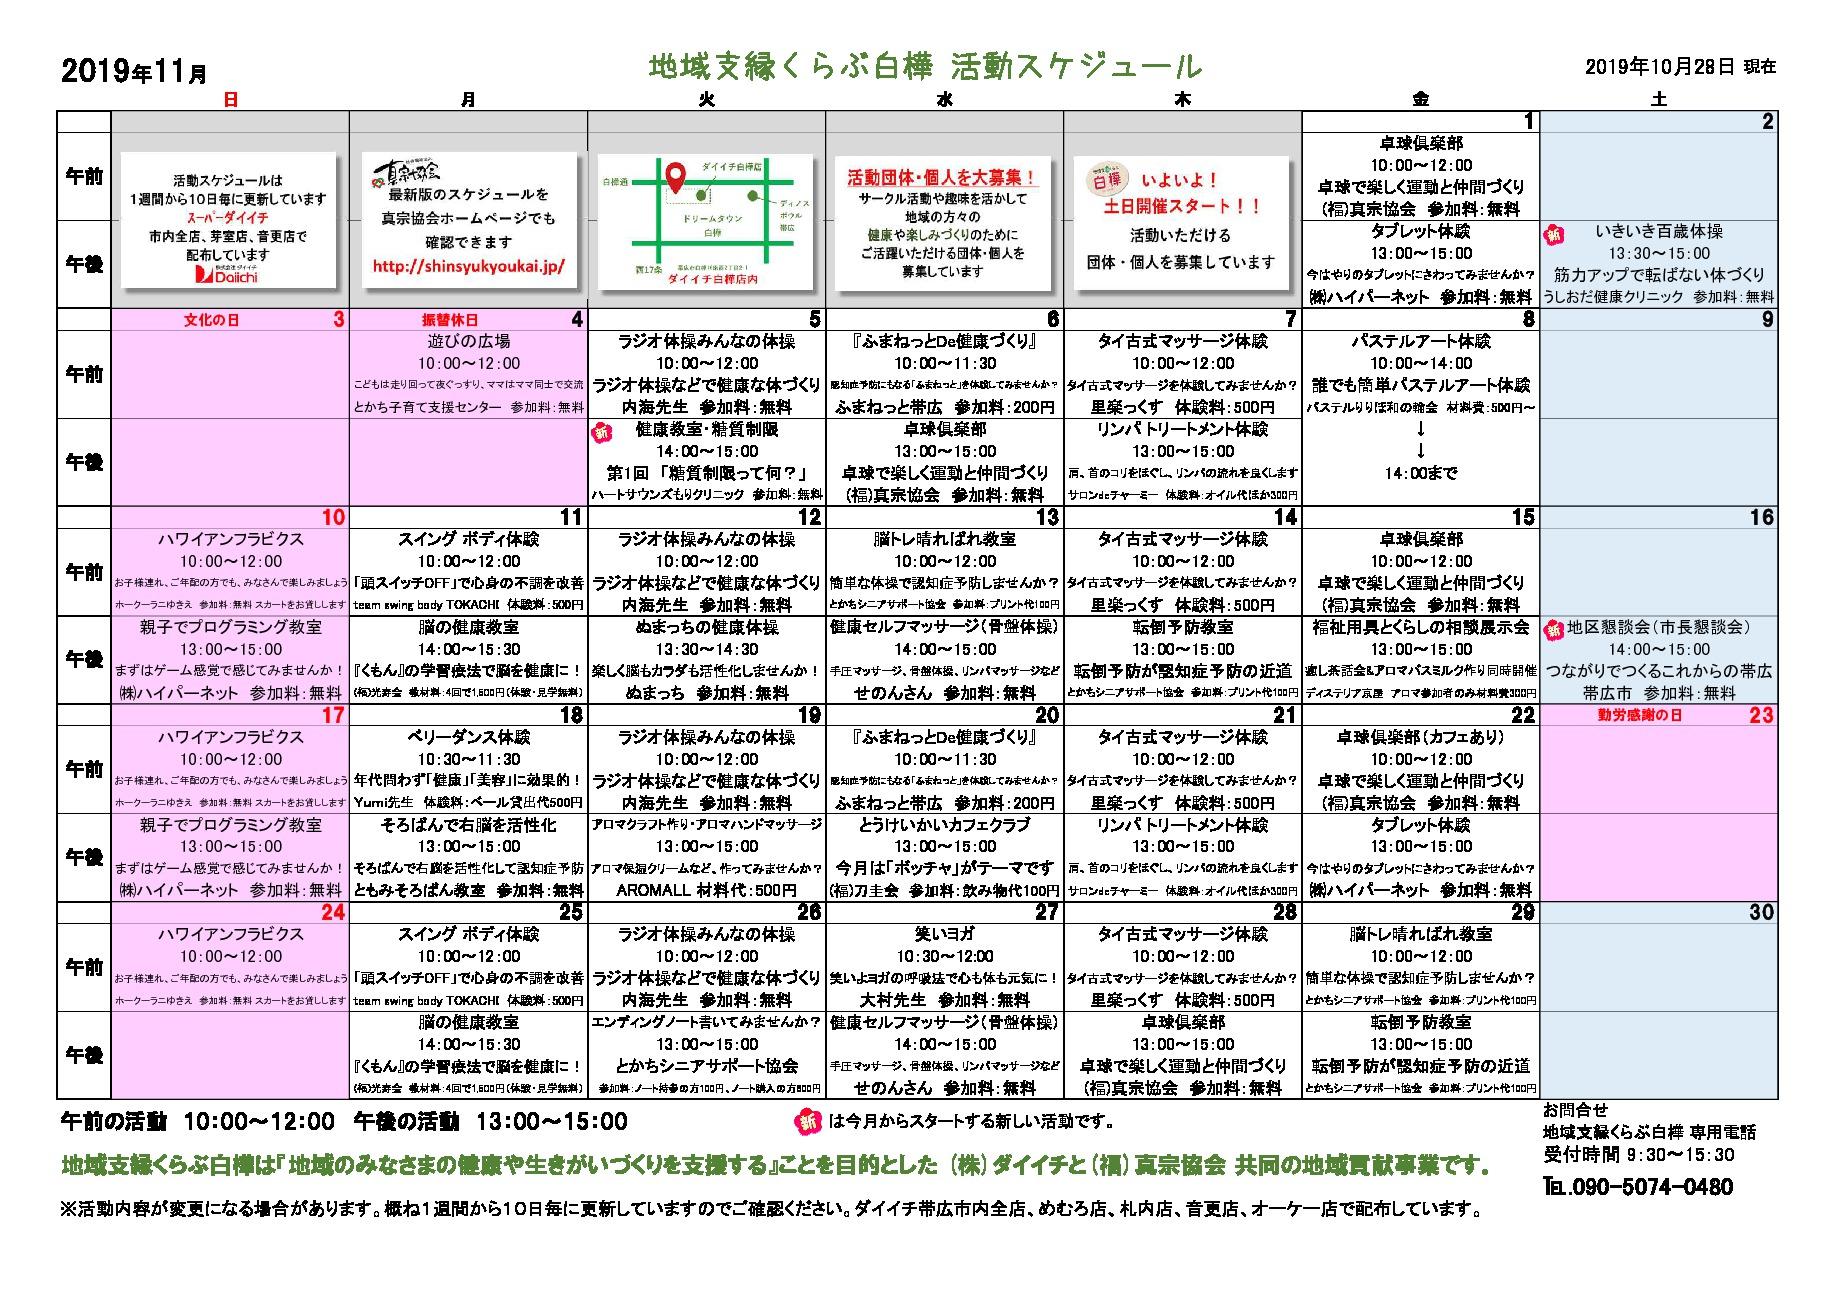 2019活動スケジュール11(2019.10.28付)のサムネイル